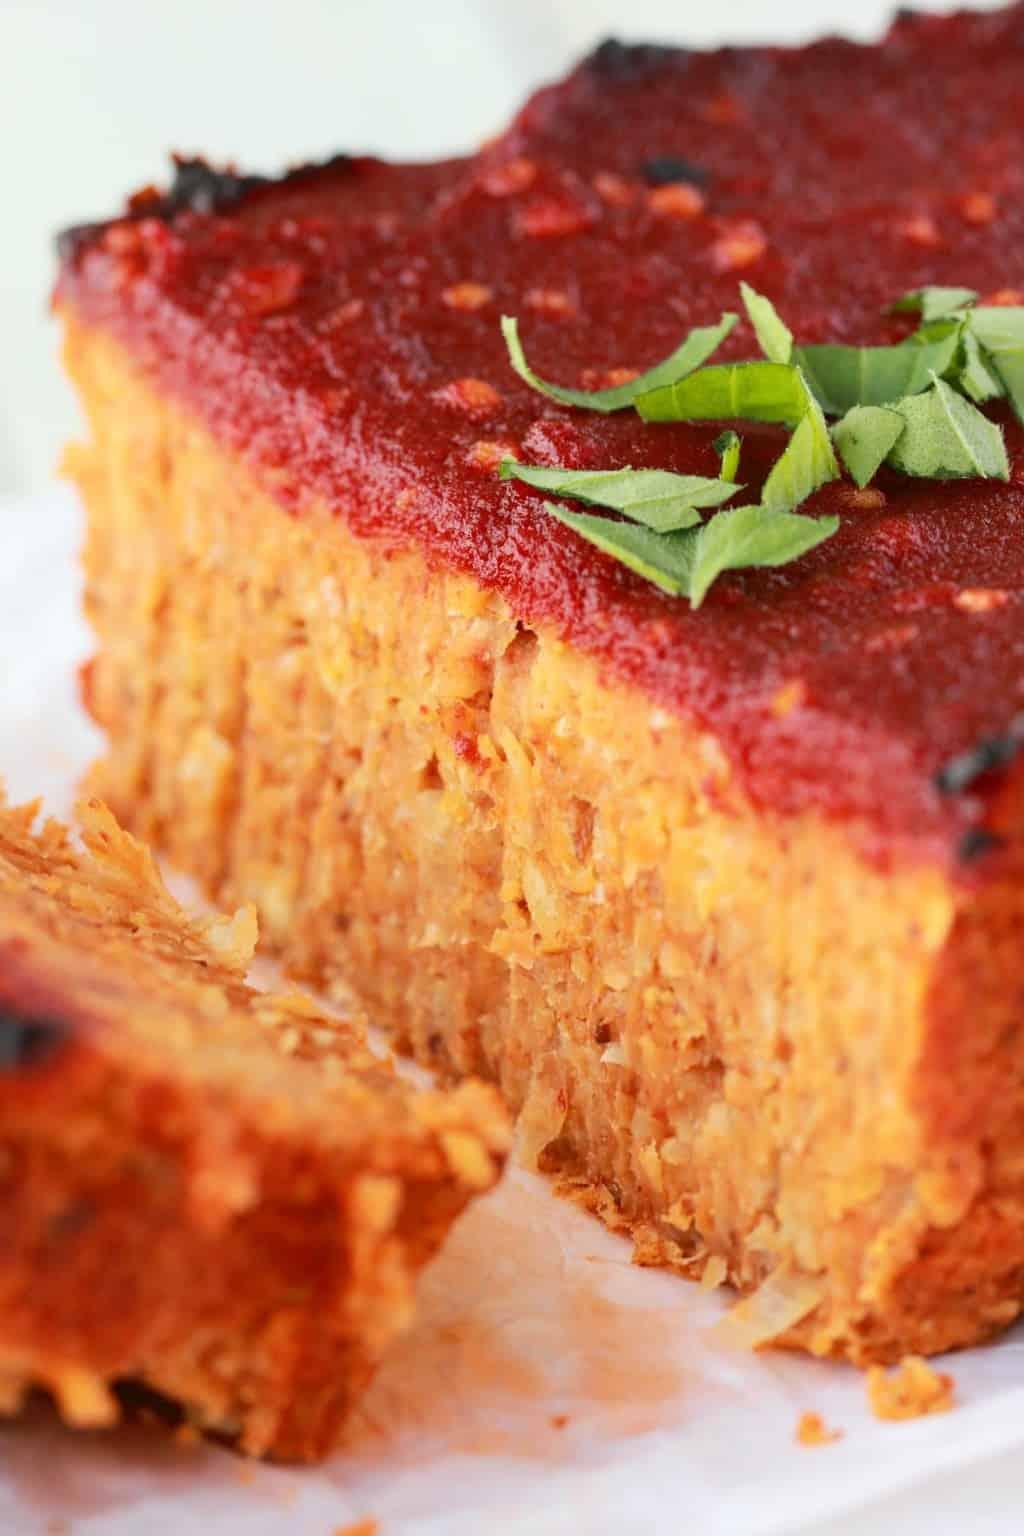 Vegan Meatloaf sliced. Fresh basil on top.